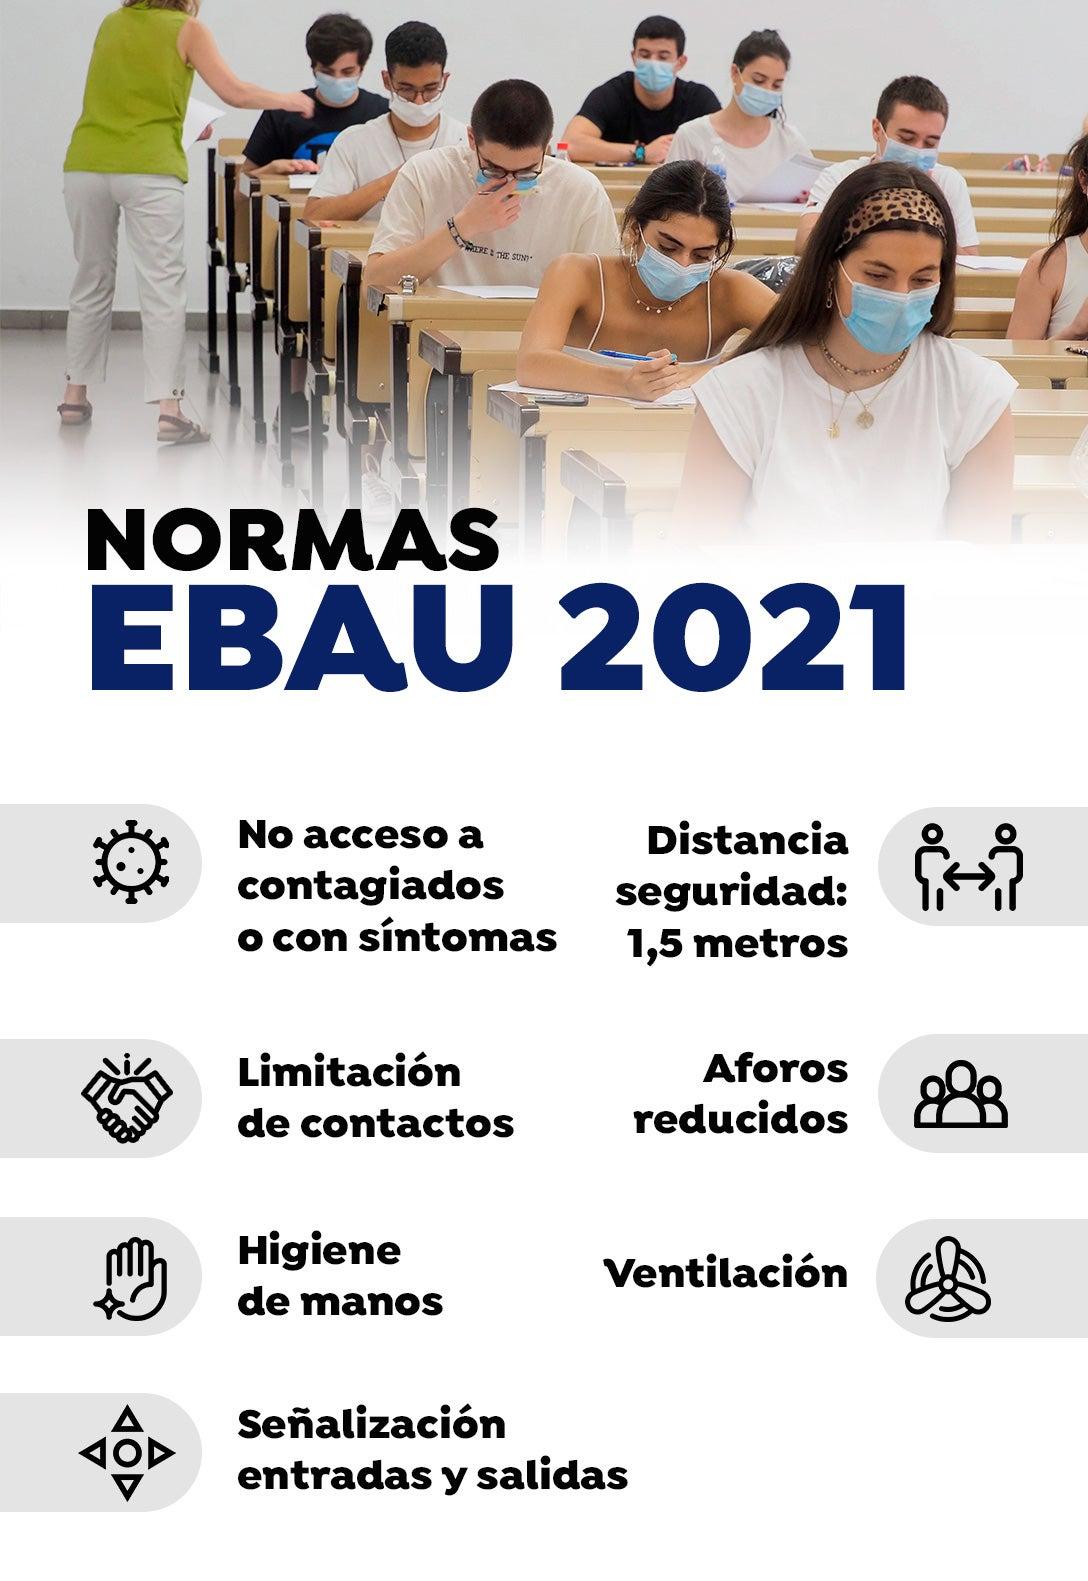 Normas EBAU 2021